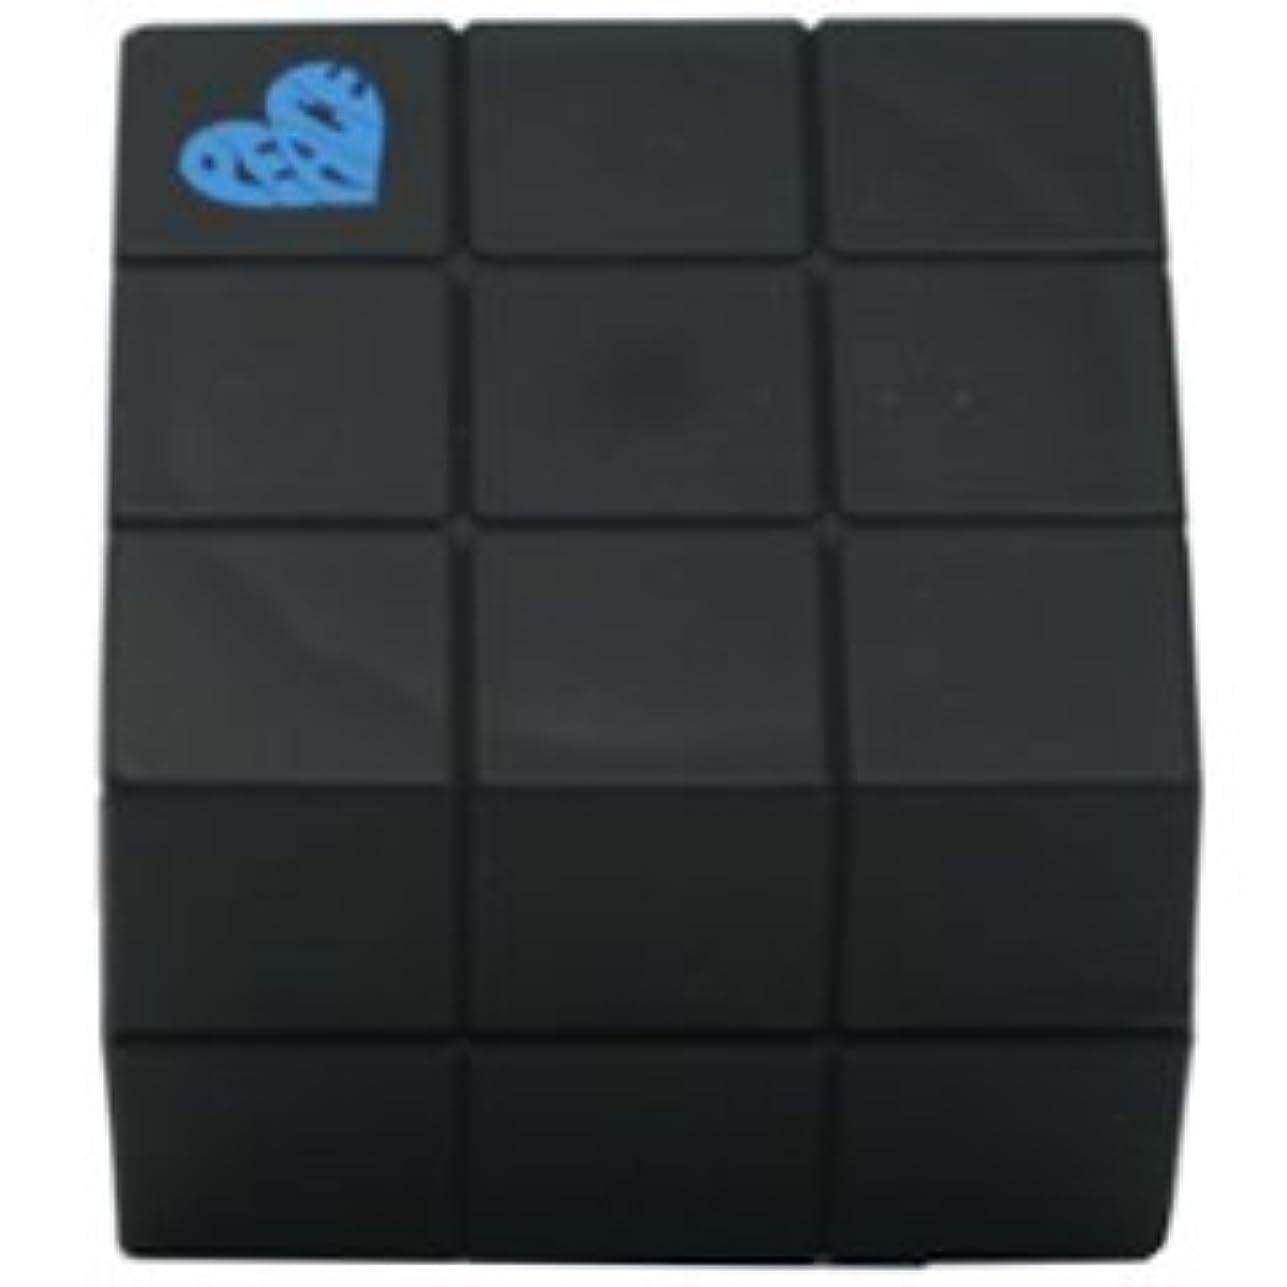 タップ五月細胞アリミノ ピース プロデザインシリーズ フリーズキープワックス ブラック 40g